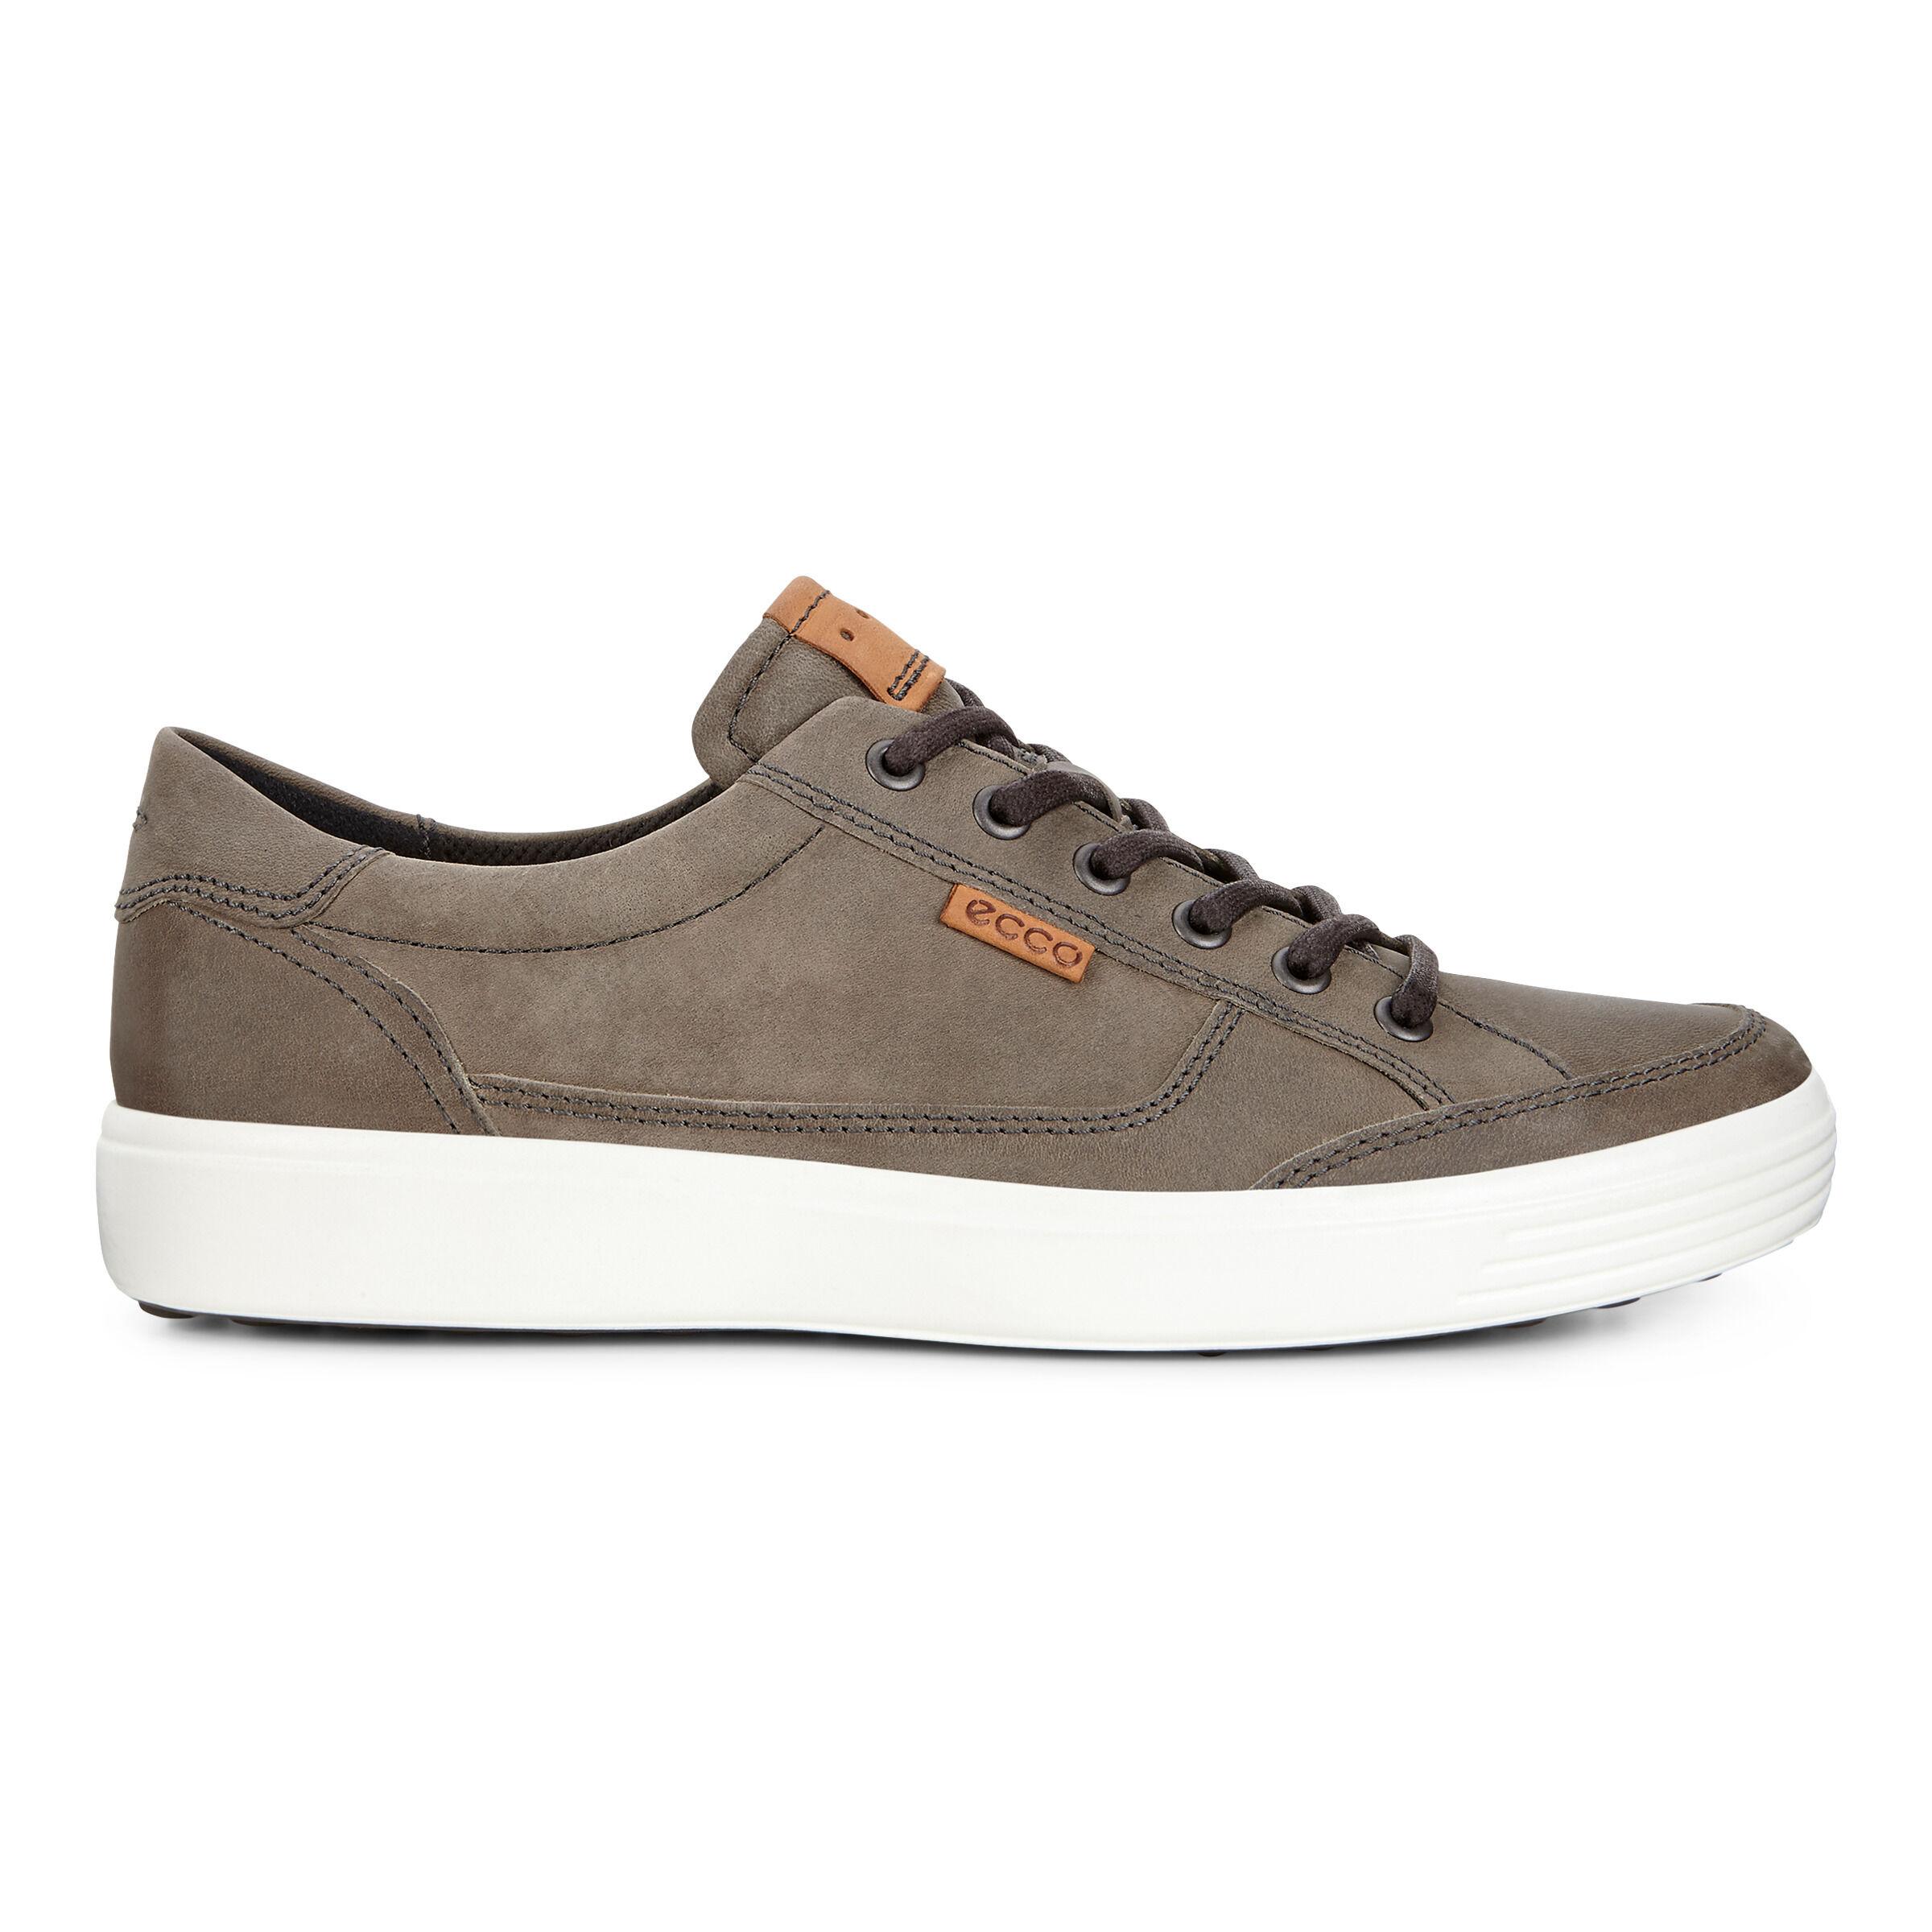 Men's Casual Shoes | ECCO® Shoes